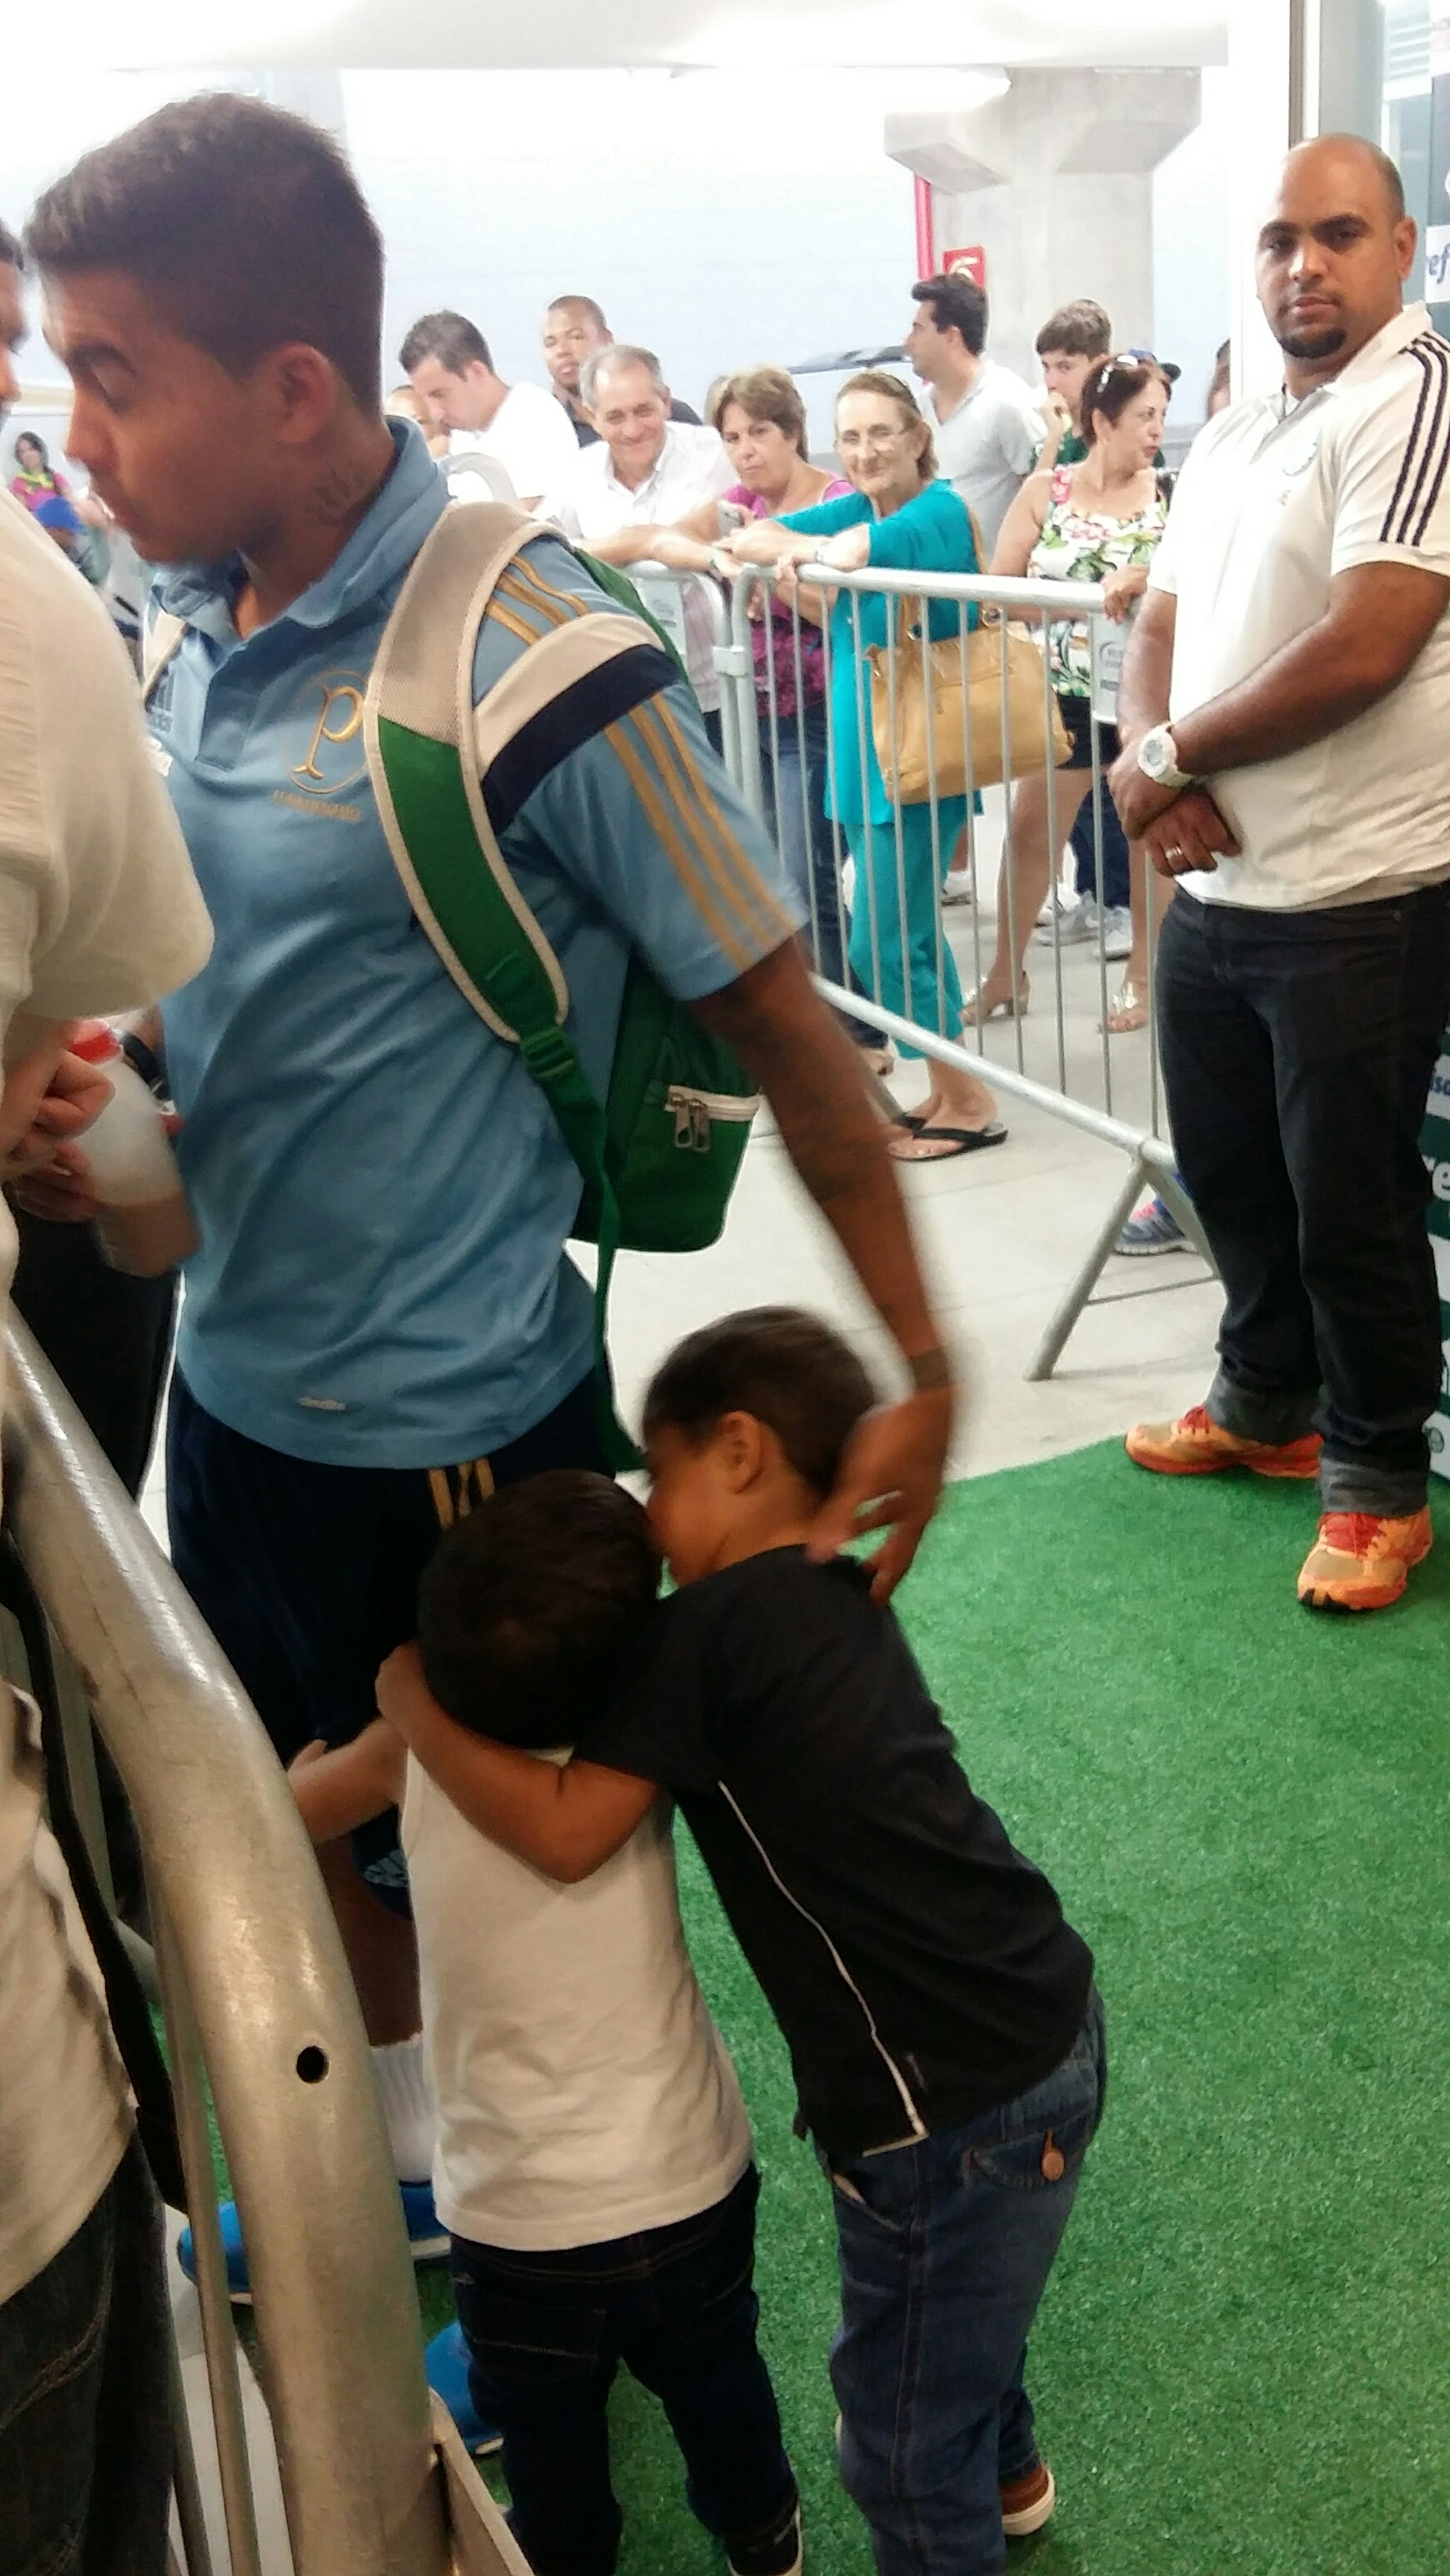 Dudu dá entrevista, Pedro agarra sua perna e Cauâ abraça o irmão Foto: Blog do Boleiro 15-3-2015